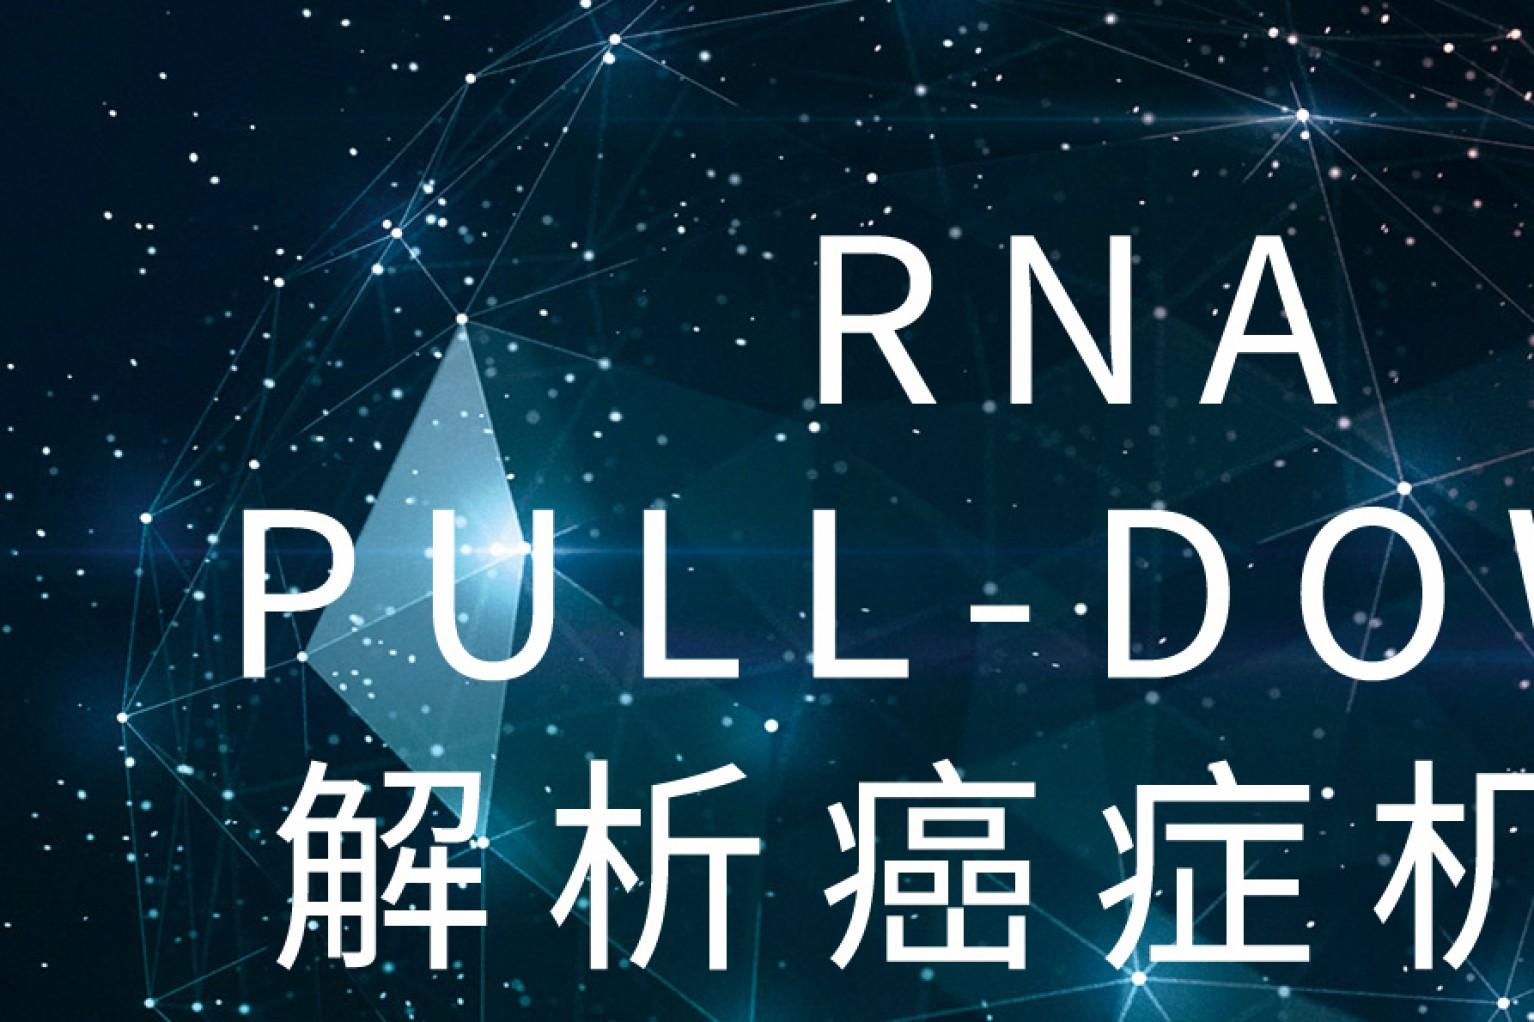 看!10分文章中的RNA pull-down如何七十二变